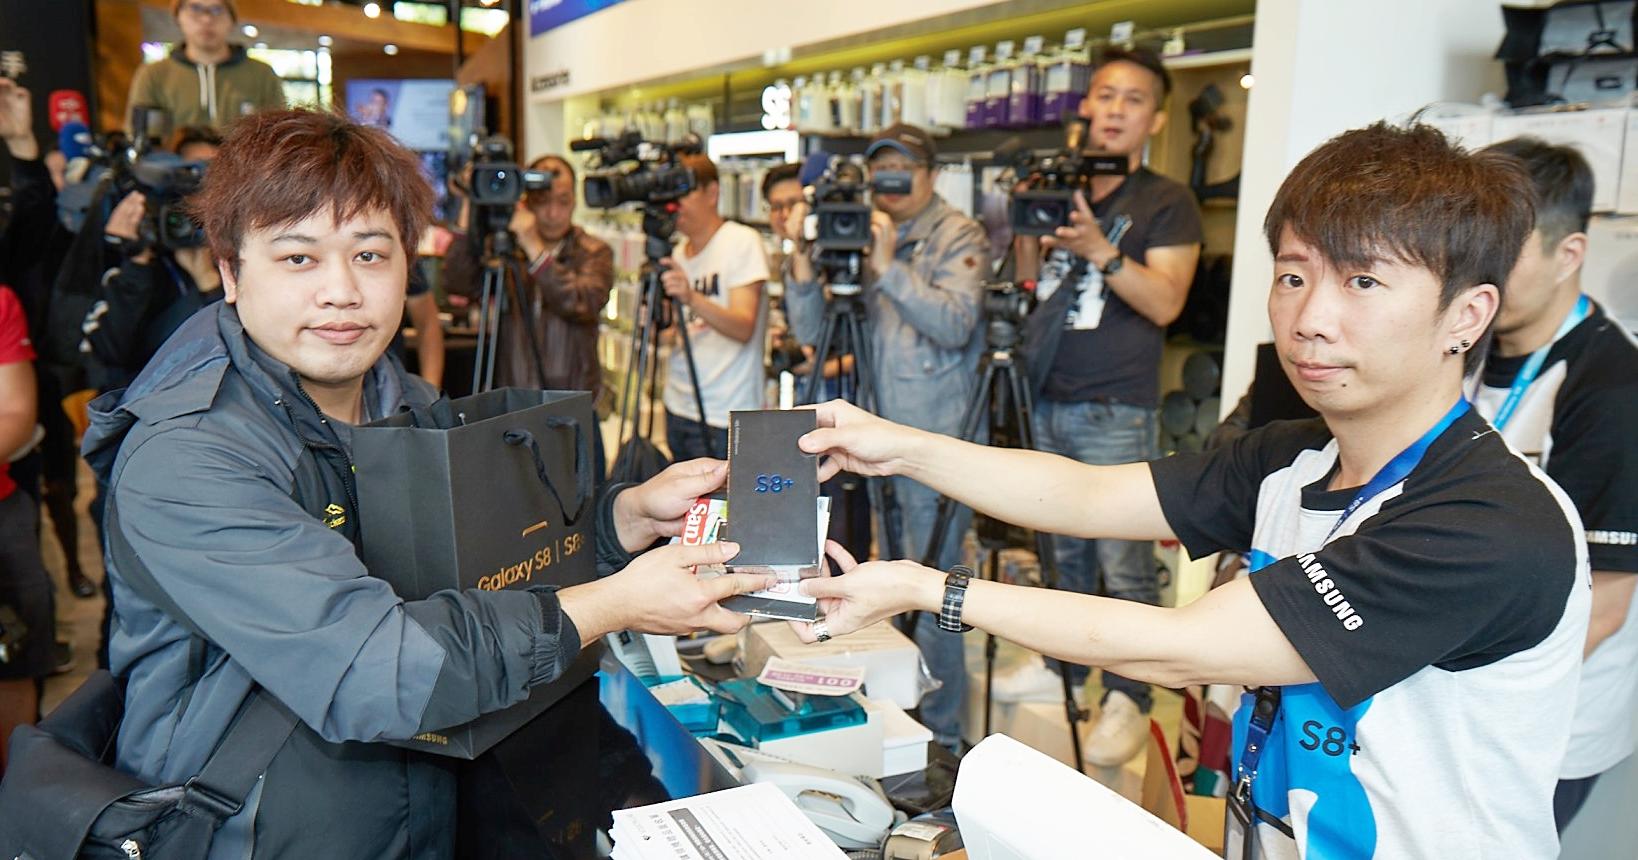 三星 Galaxy S8 預購開放取貨,挑戰上半年 Android 機皇銷售寶座